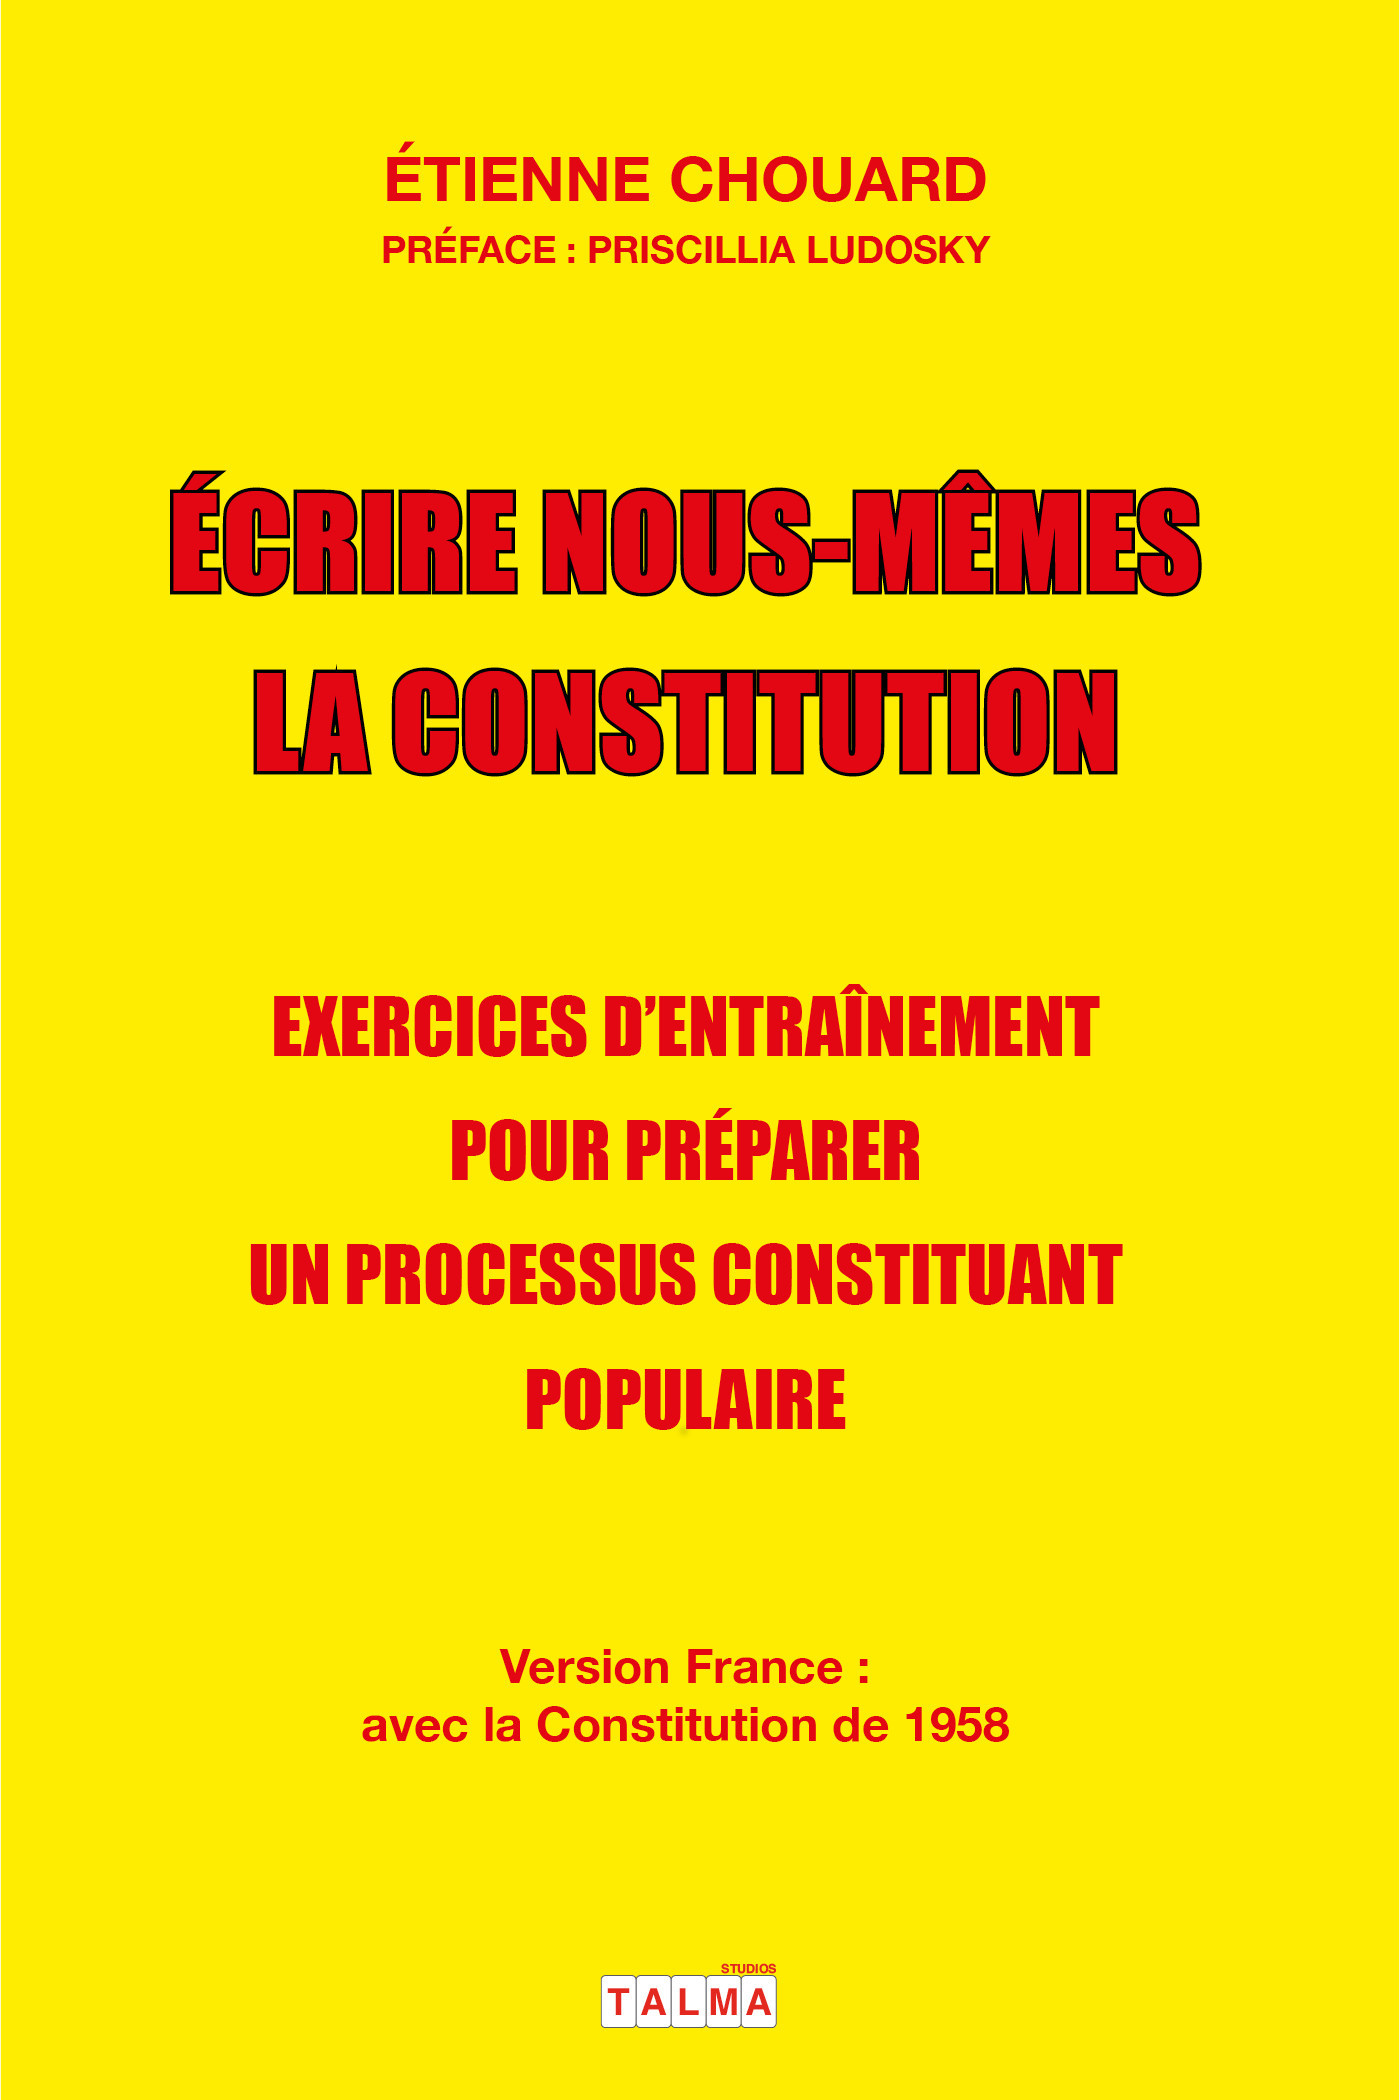 ECRIRE NOUS-MEMES LA CONSTITUTION (VERSION FRANCE) - EXERCICES D'ENTRAINEMENT POUR PREPARER UN PROCE